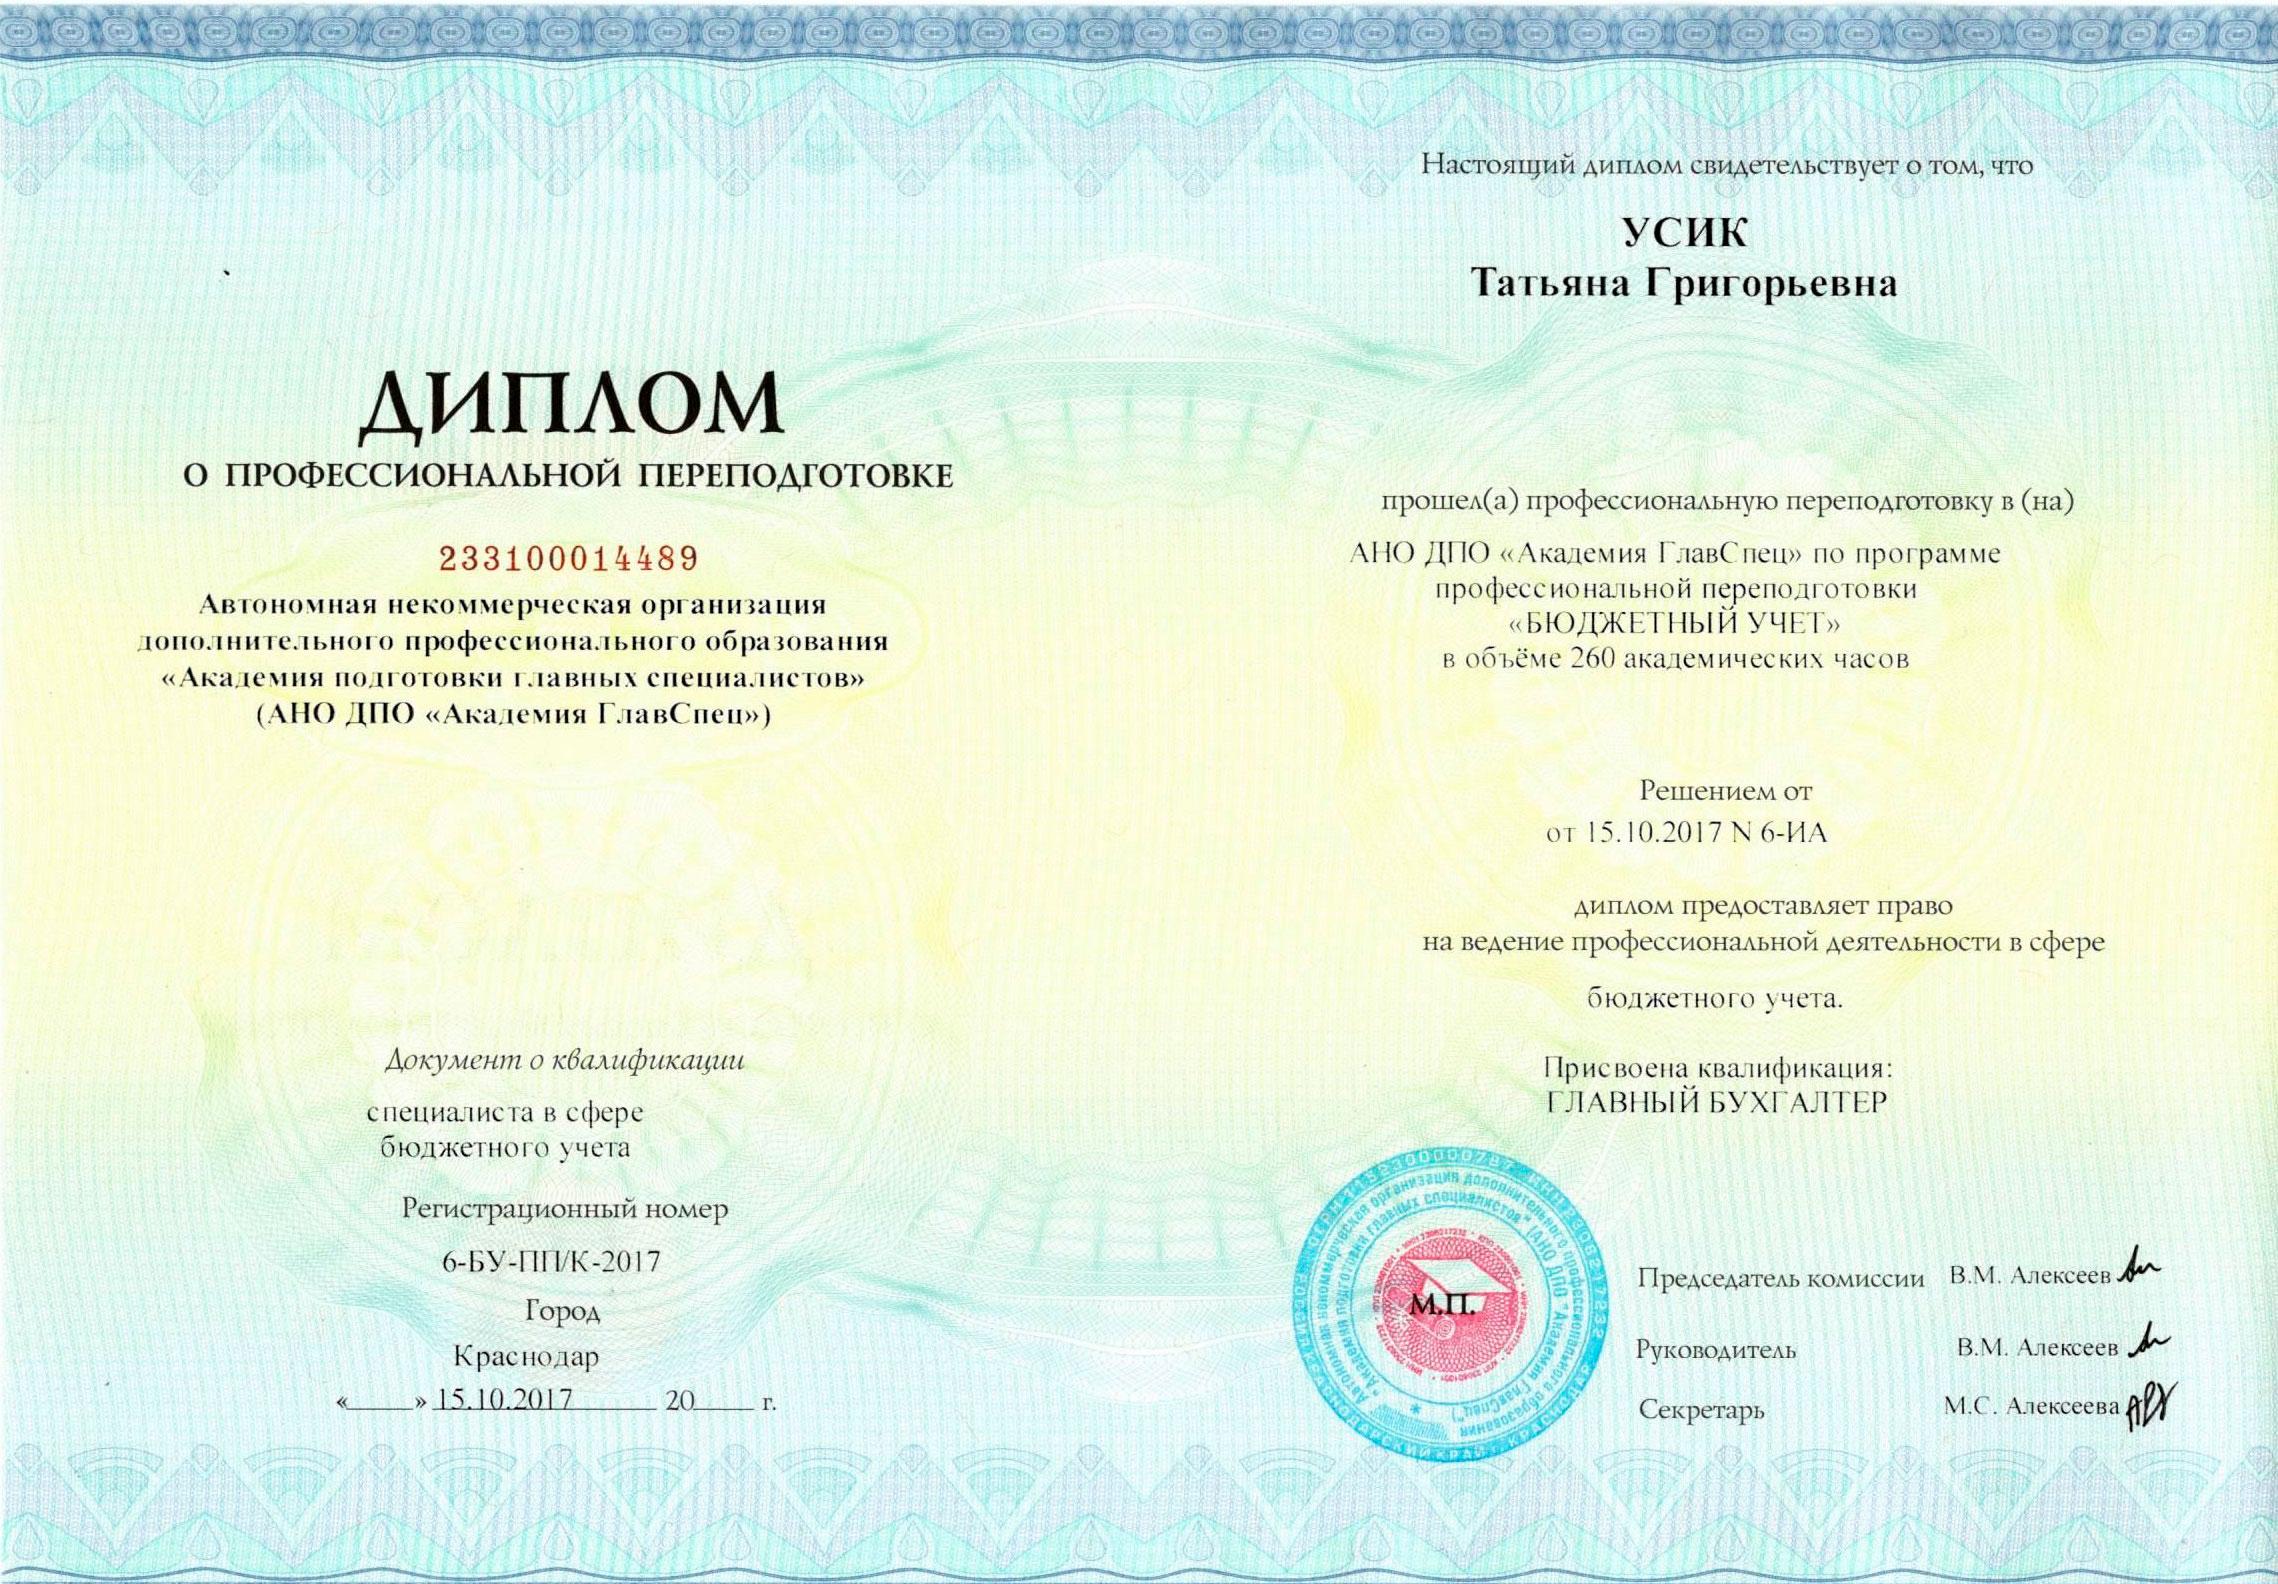 Образцы дипломов о ПП и удостоверений о ПК Академия подготовки  Бюджетный учёт Диплом 260 часов Квалификация Главный бухгалтер